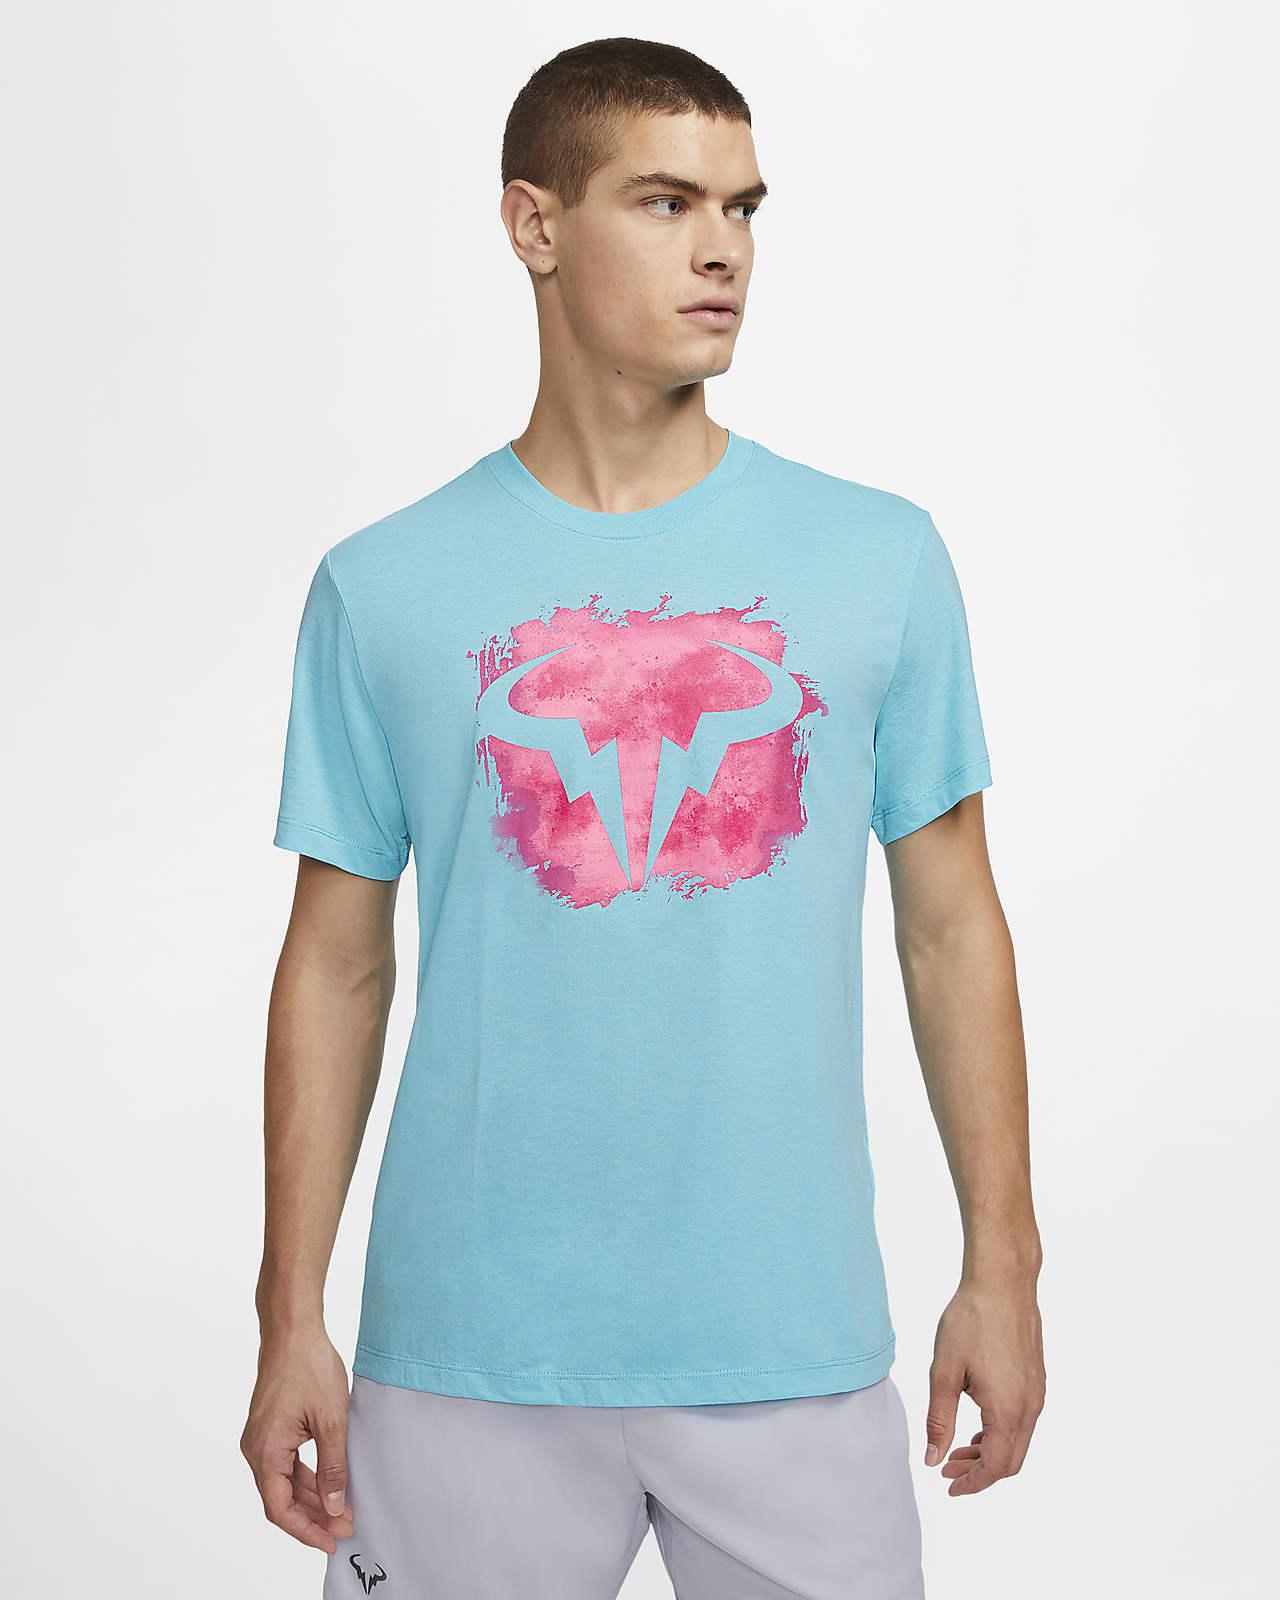 Tennis-t-shirt NikeCourt Dri-FIT Rafa för män